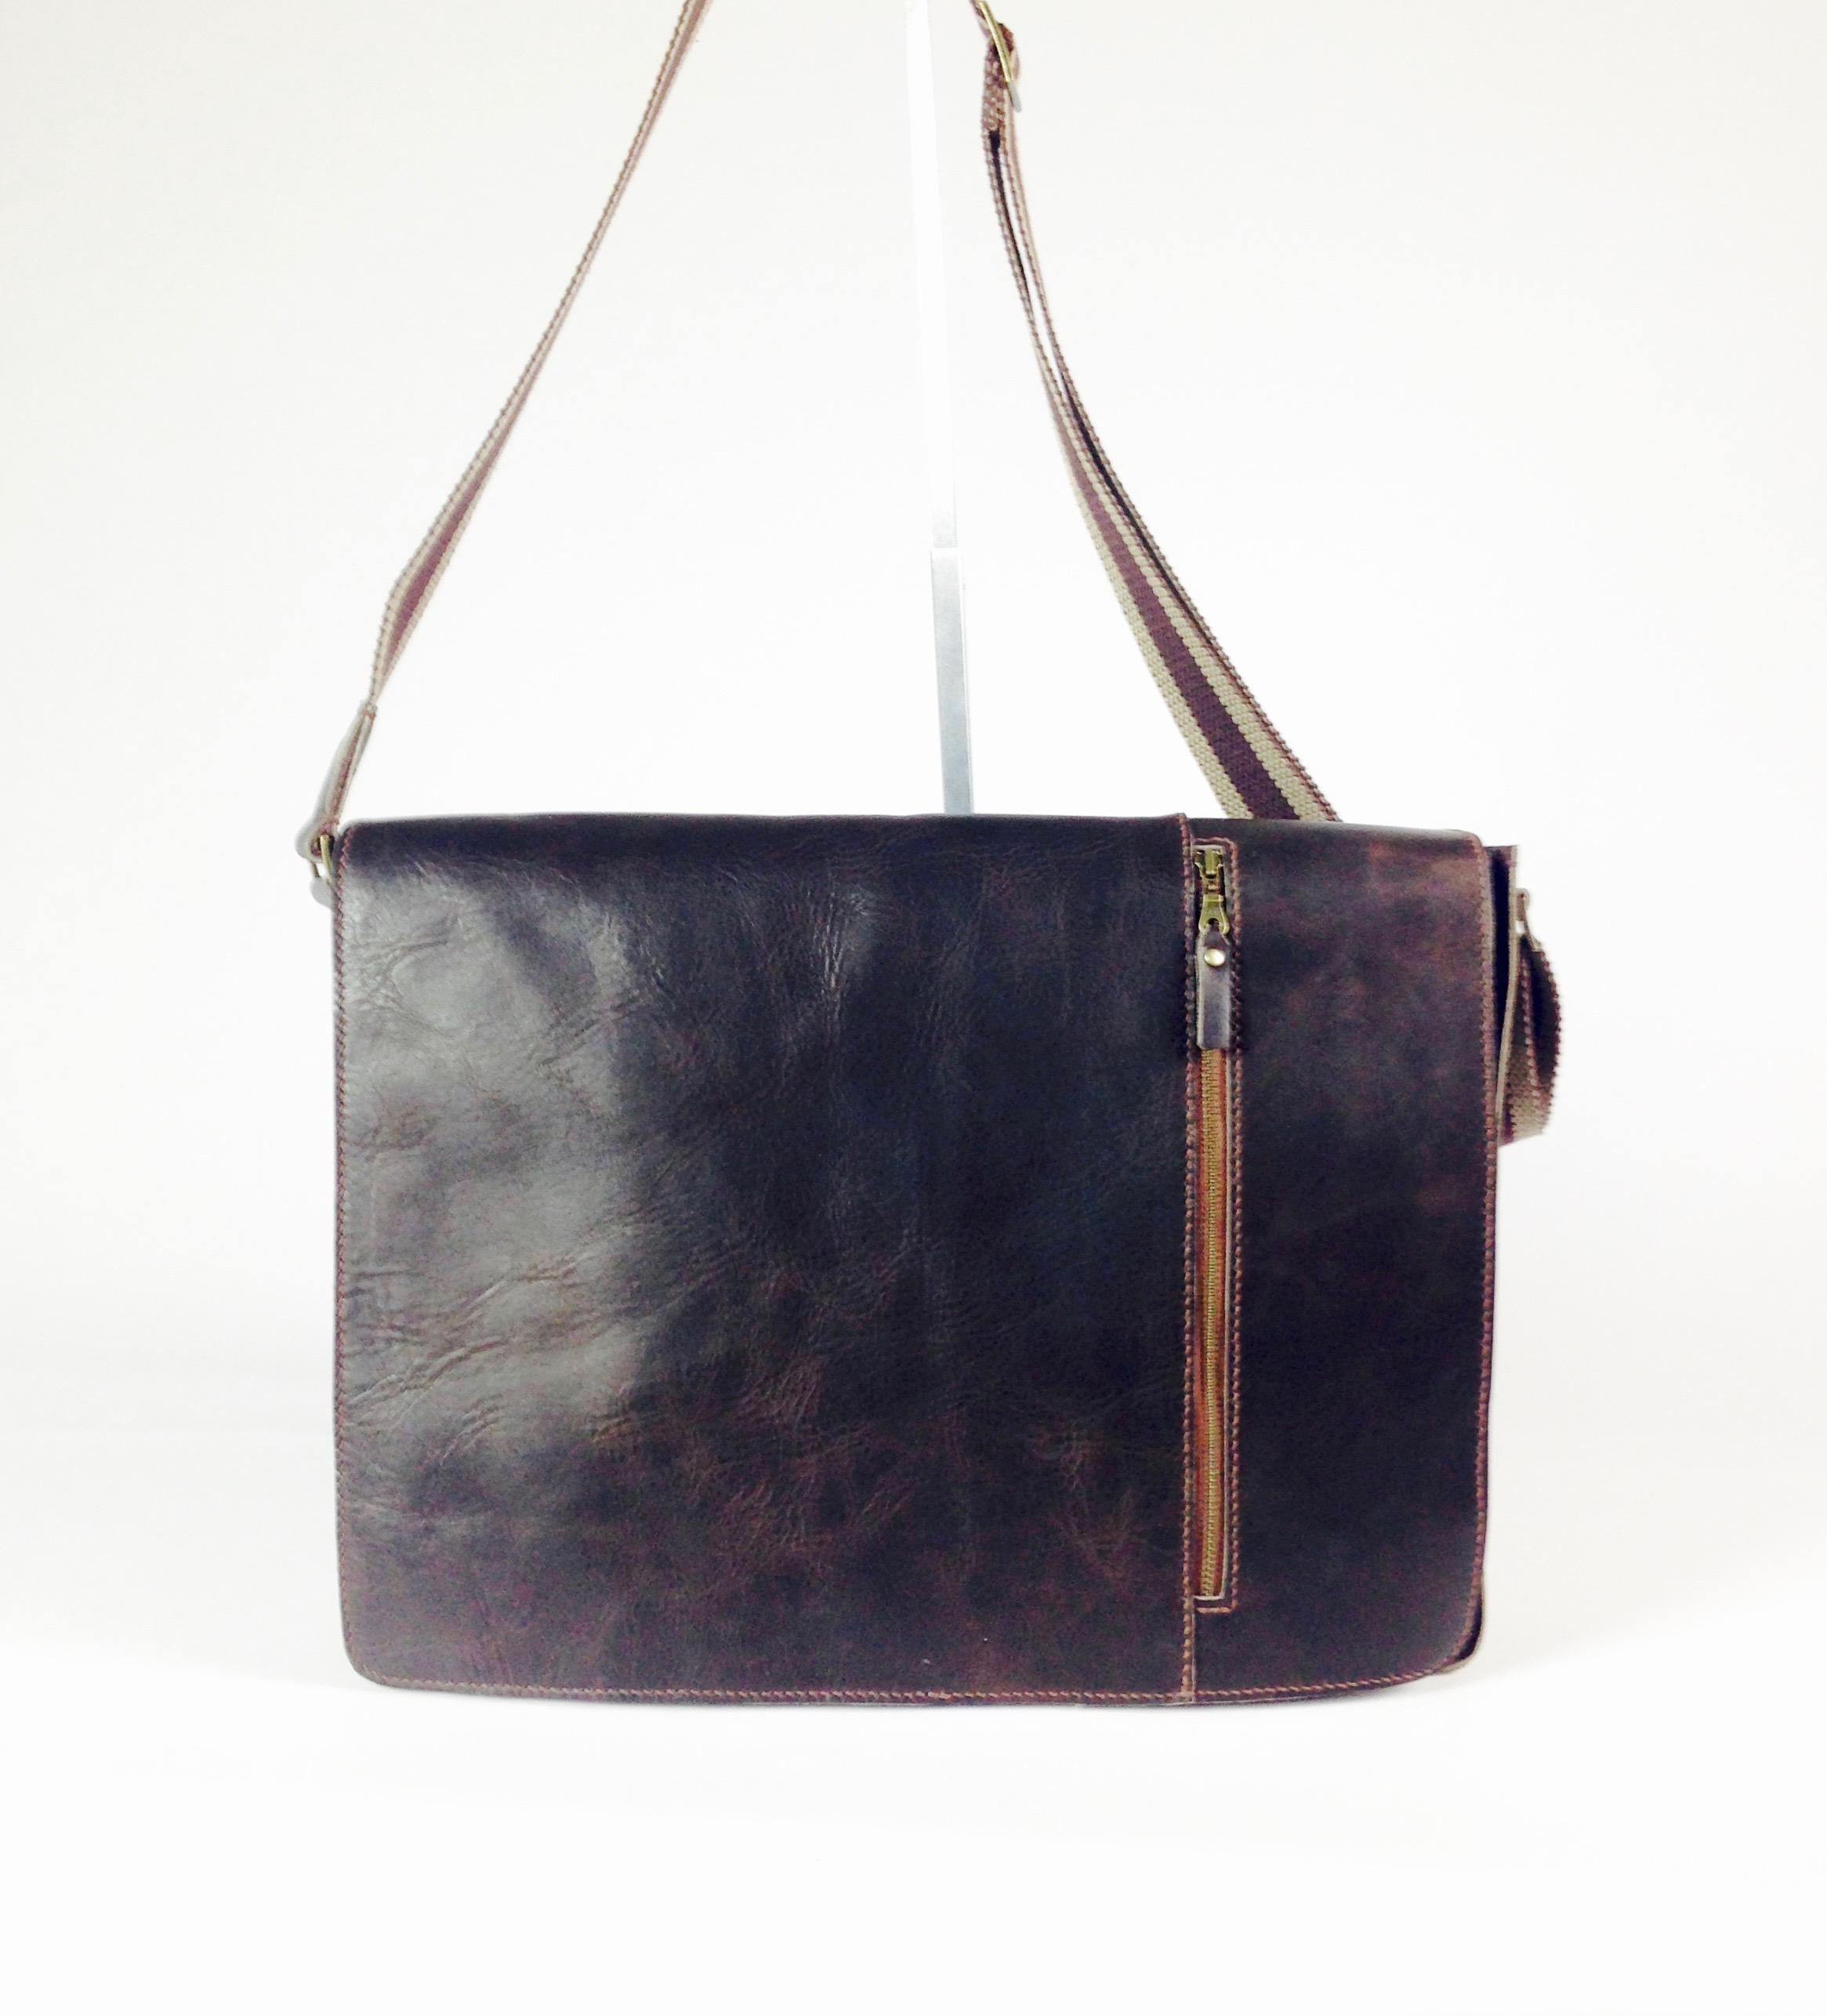 IMG_0456.jpg Cross body bag.jpg